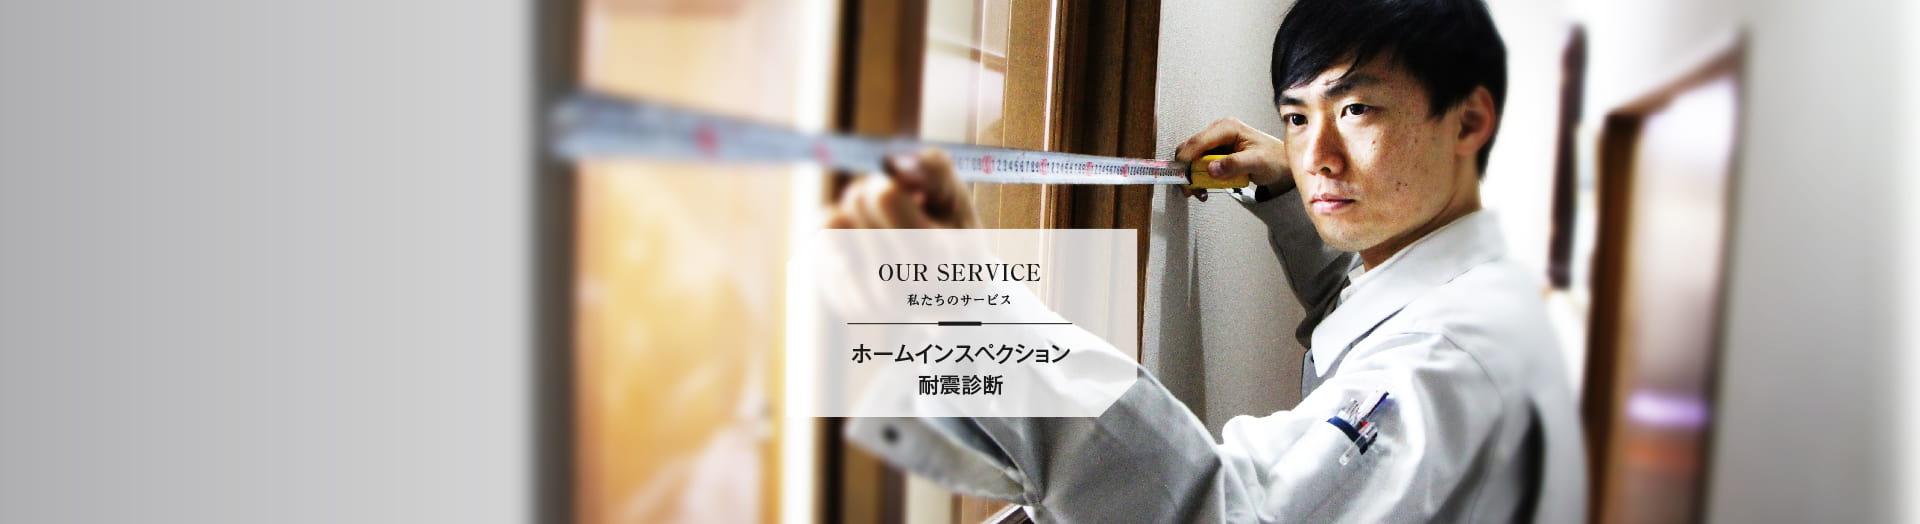 私たちのサービス ホームインスペクション 耐震診断